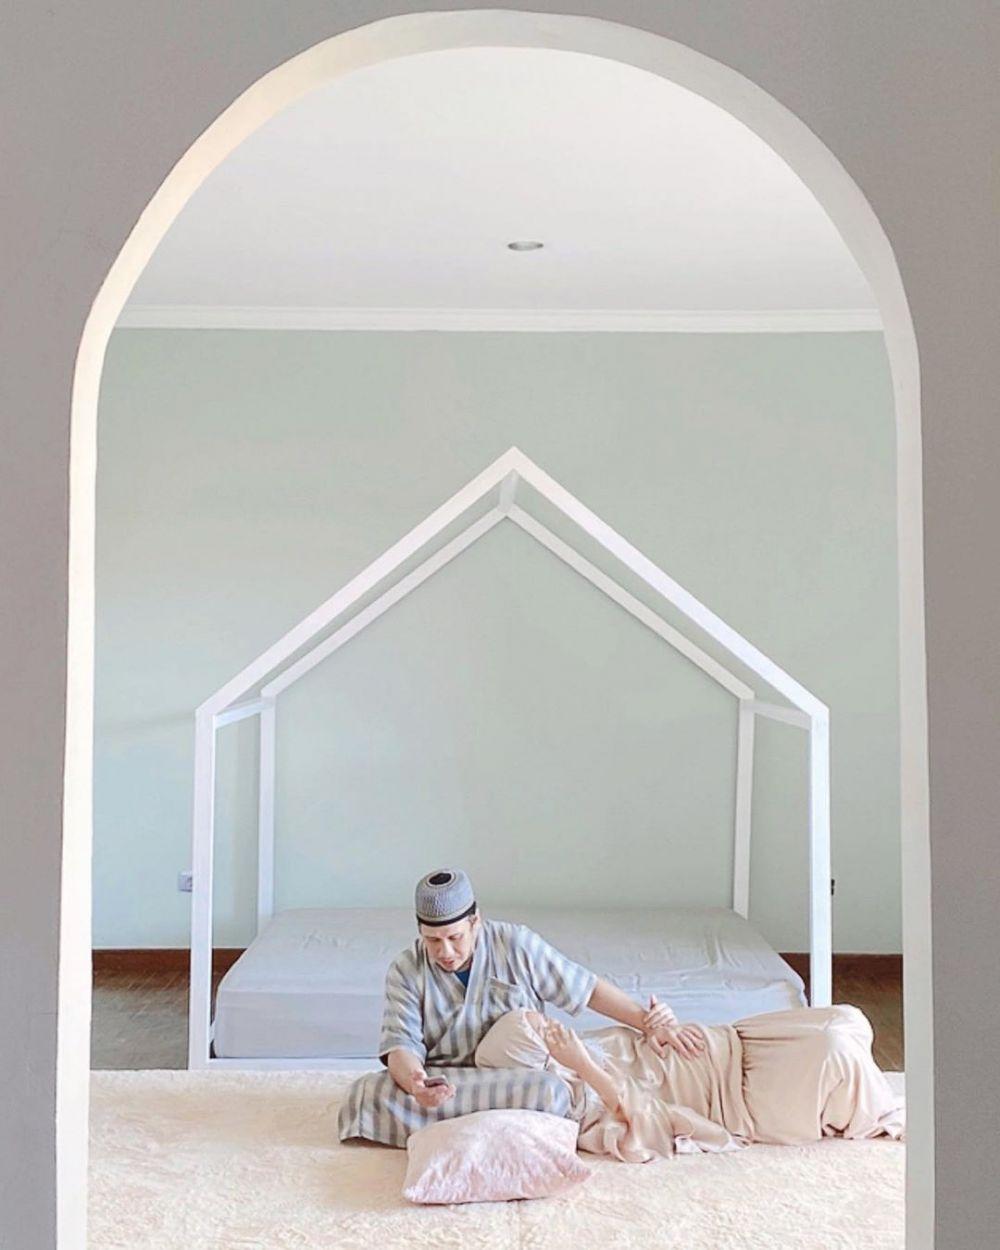 Potret kamar bayi Dian Pelangi © 2020 Instagram/@dianpelangi